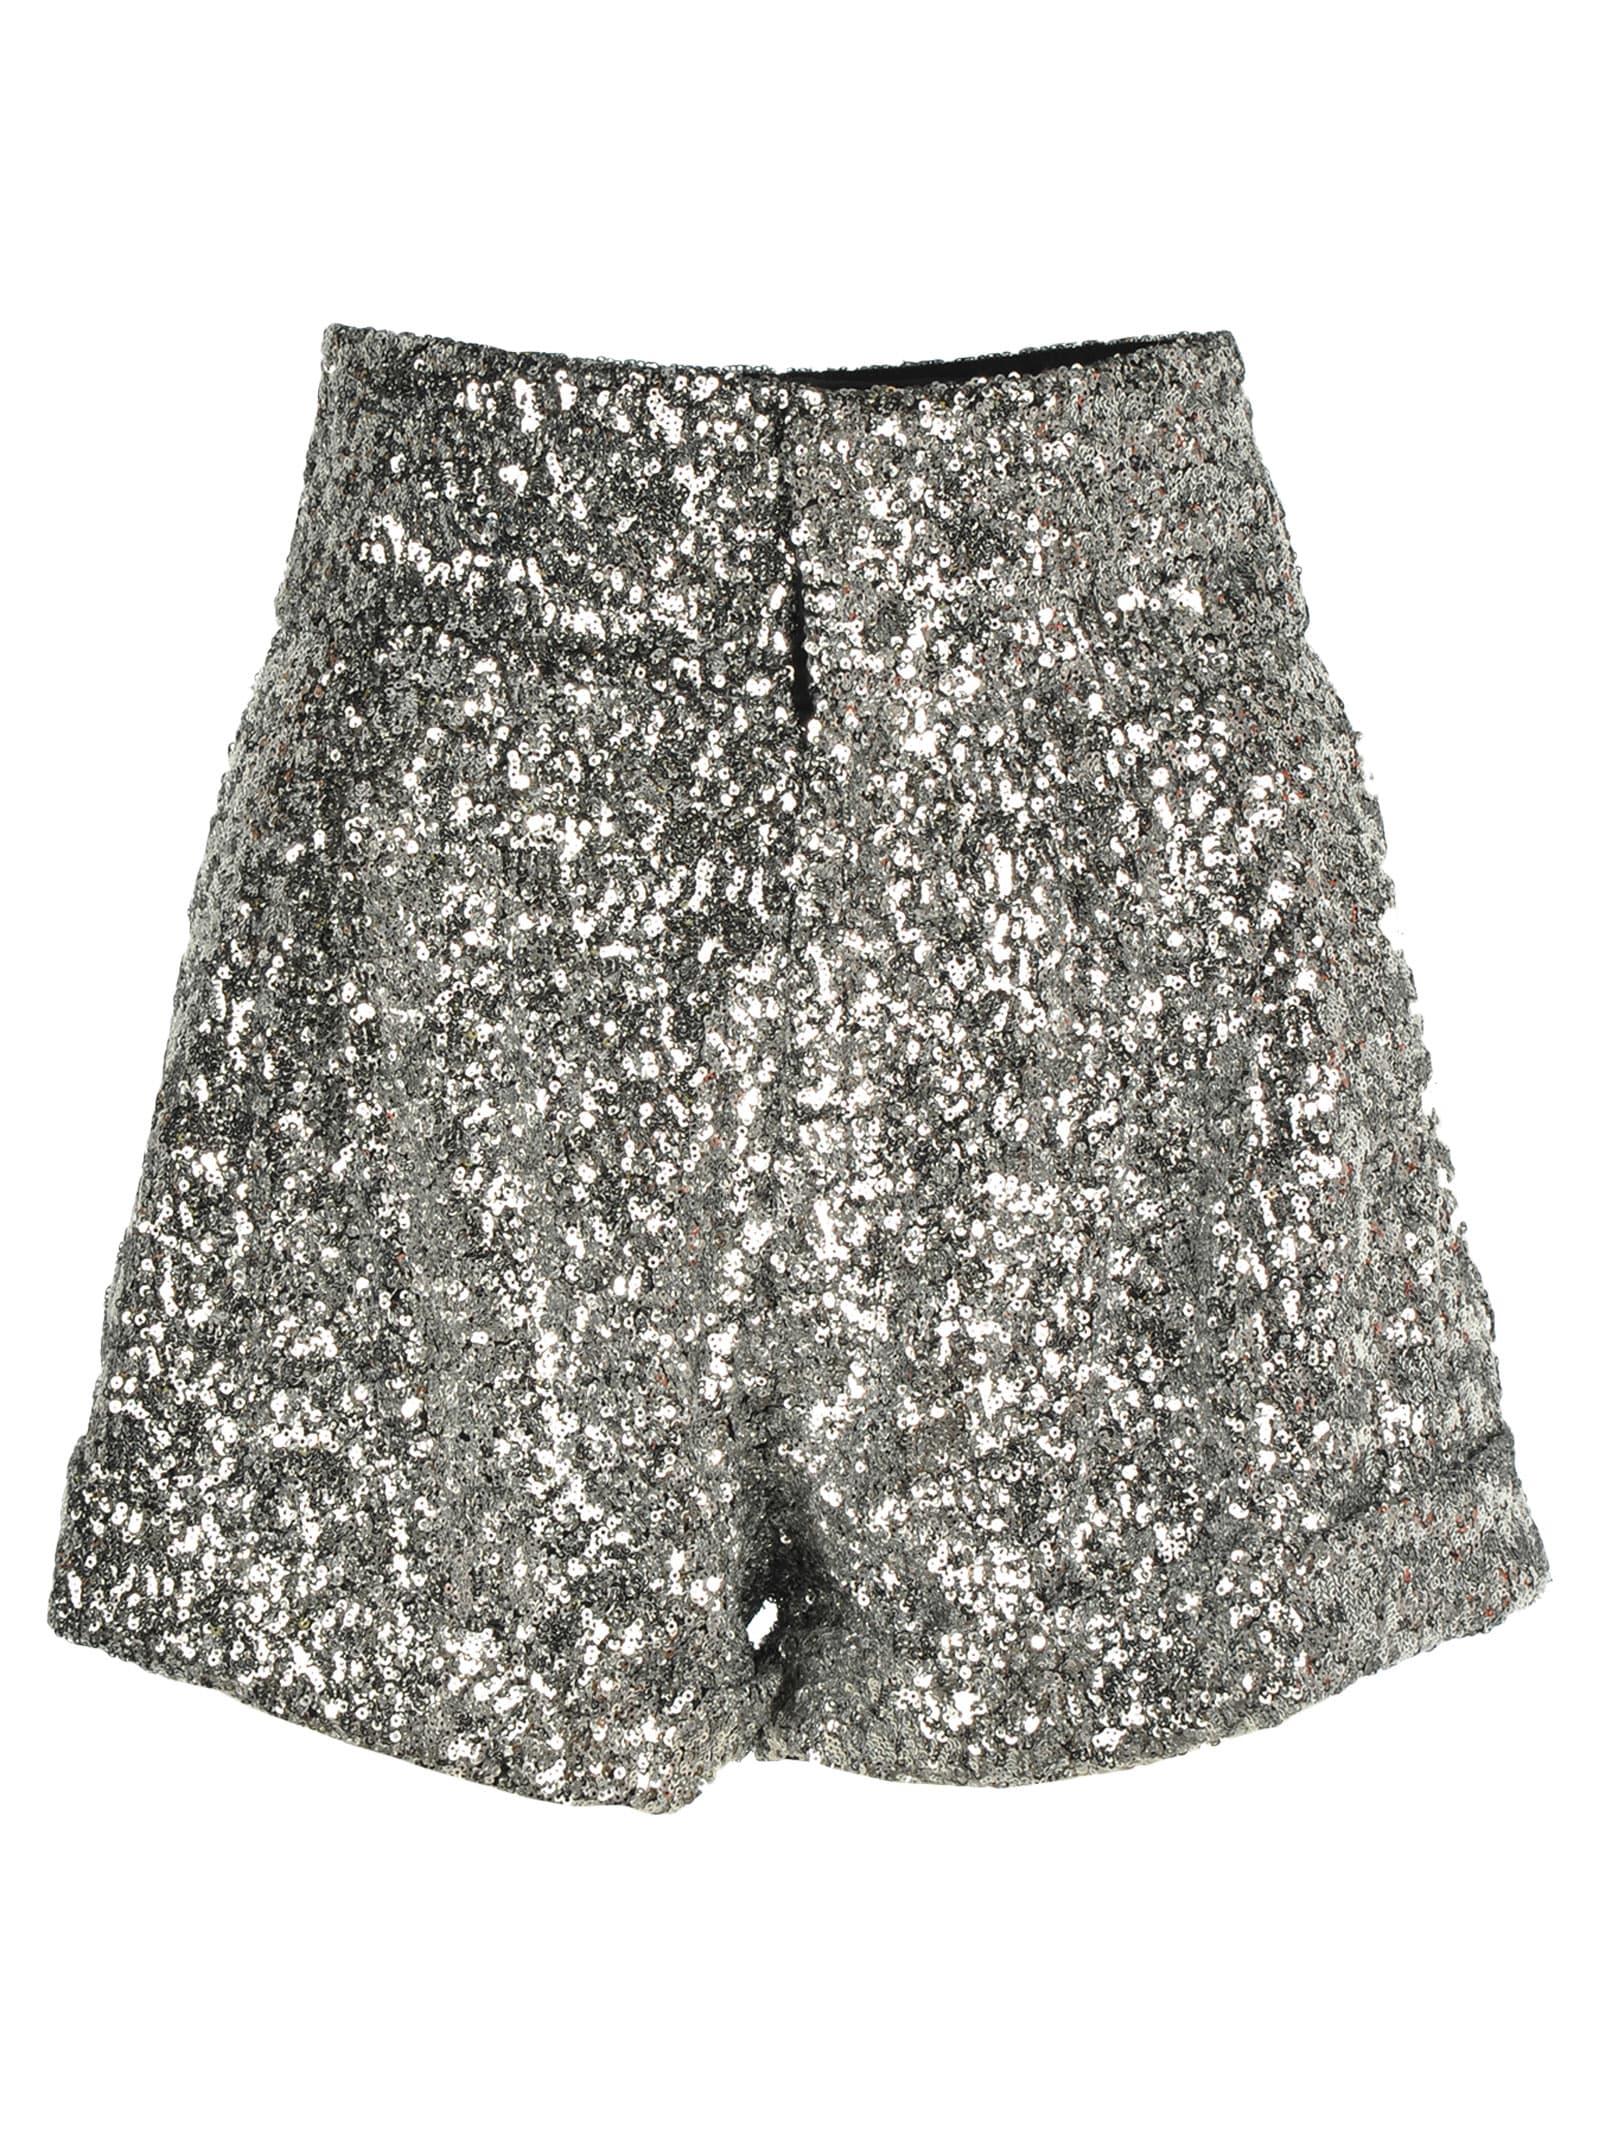 Isabel Marant Shorts Isabel Marant Isabel Marant Orta Sequins Shorts